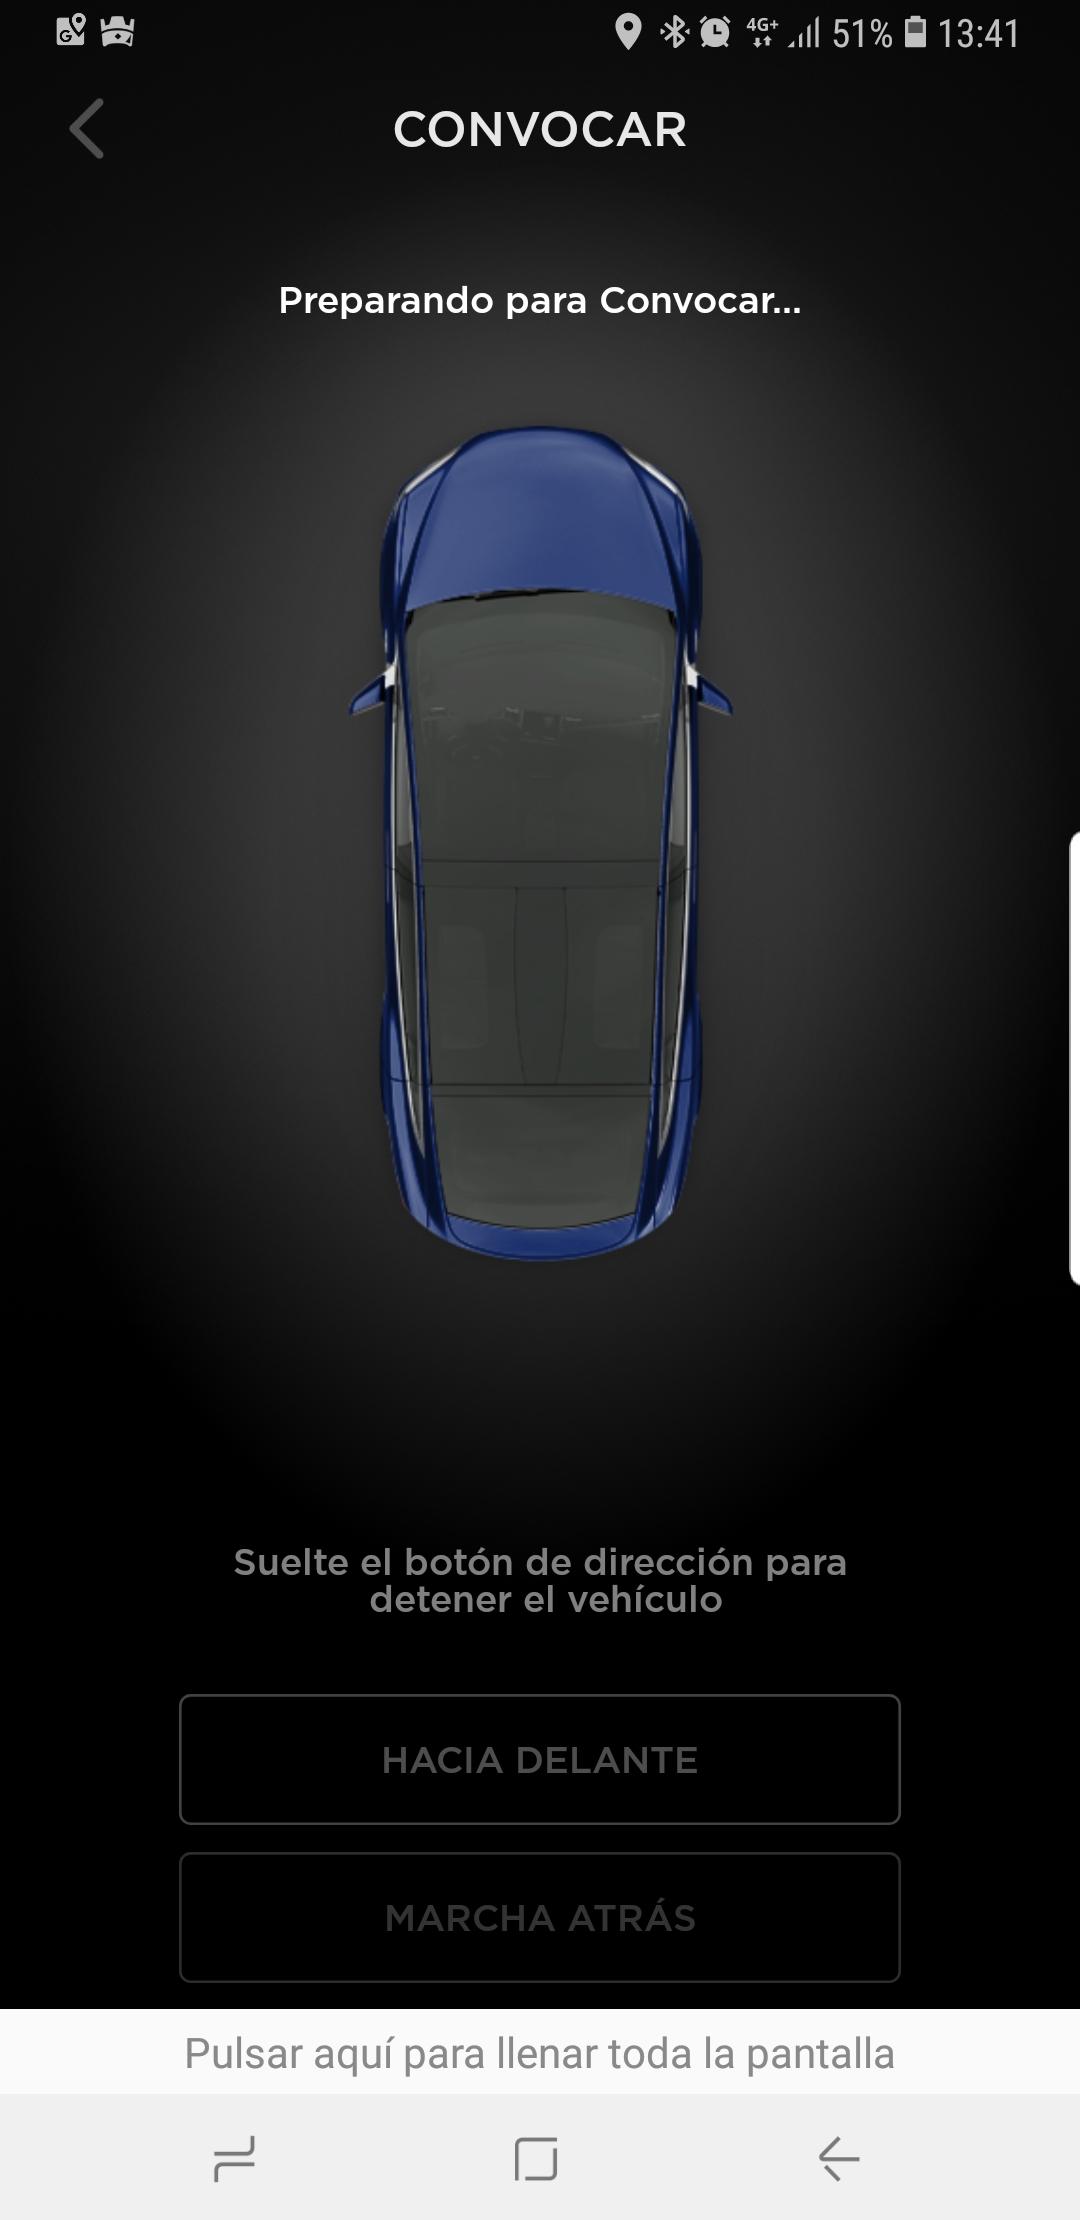 Tesla Model 3, alturas 46